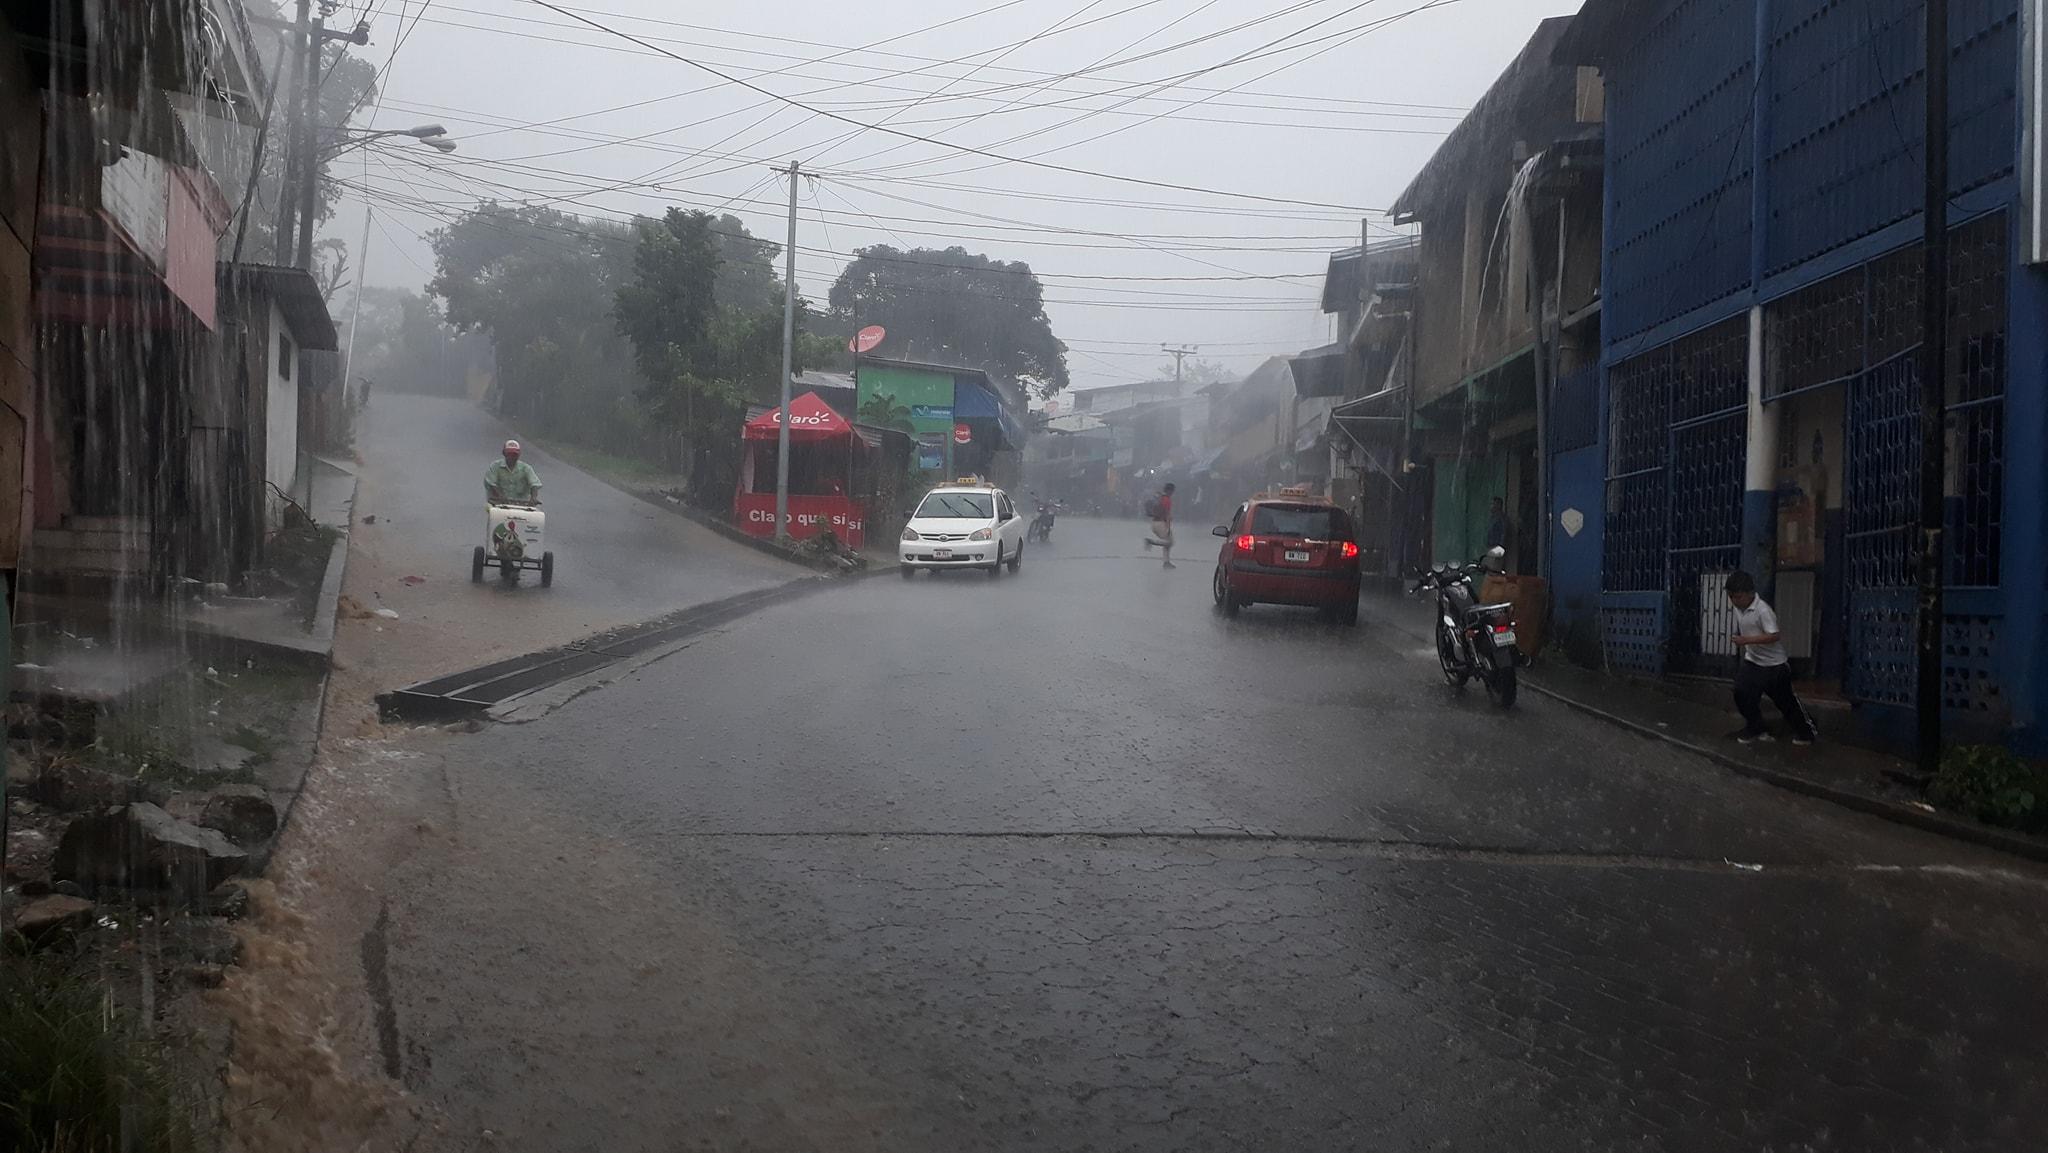 En Siuna se han registrado constantes lluvias durante las últimas horas.